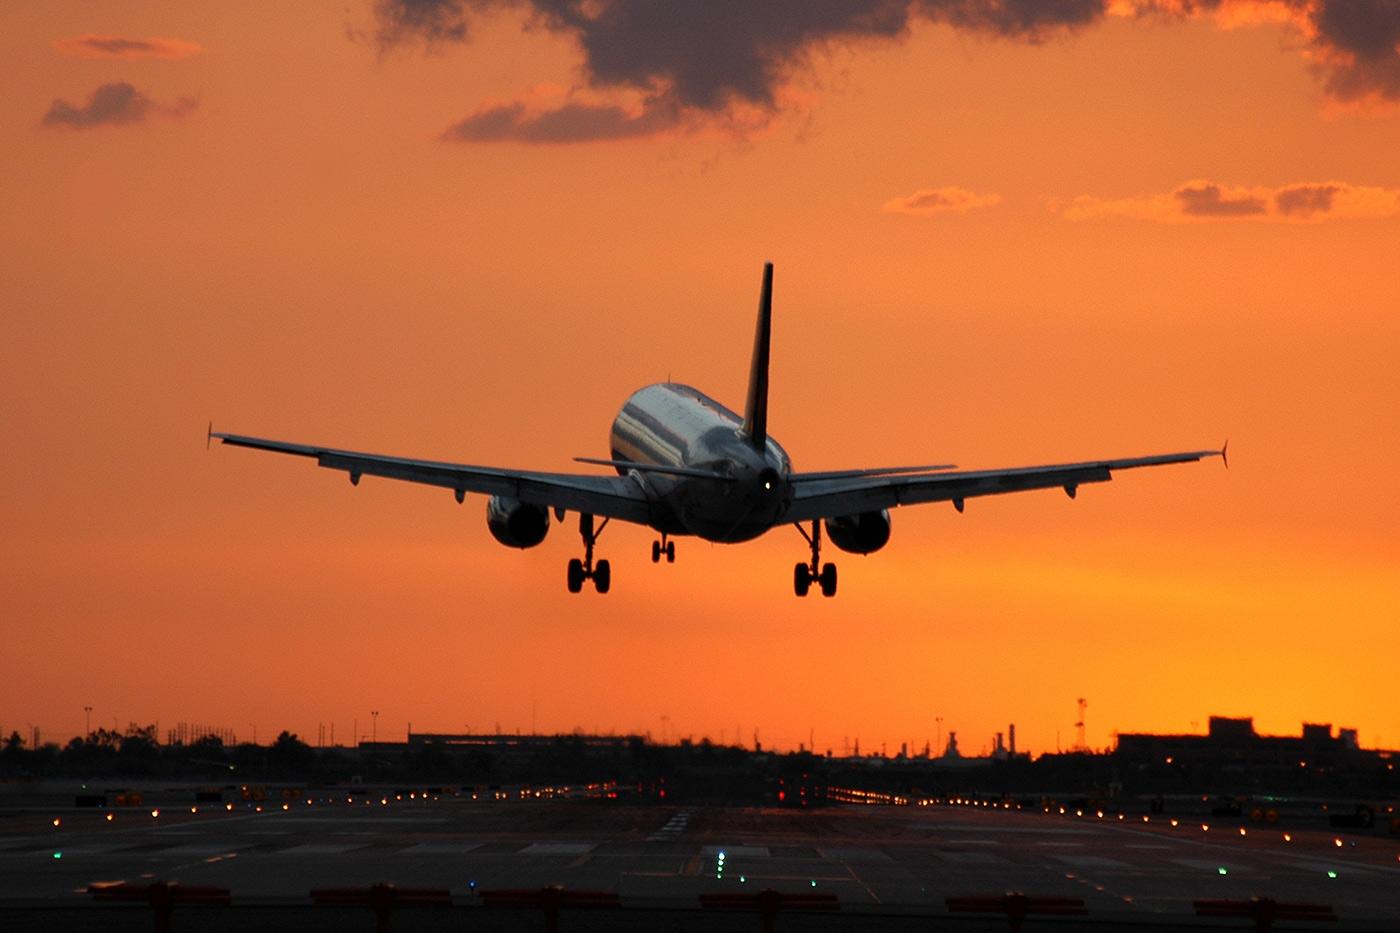 Tezpur-Delhi daily flight service to re-start